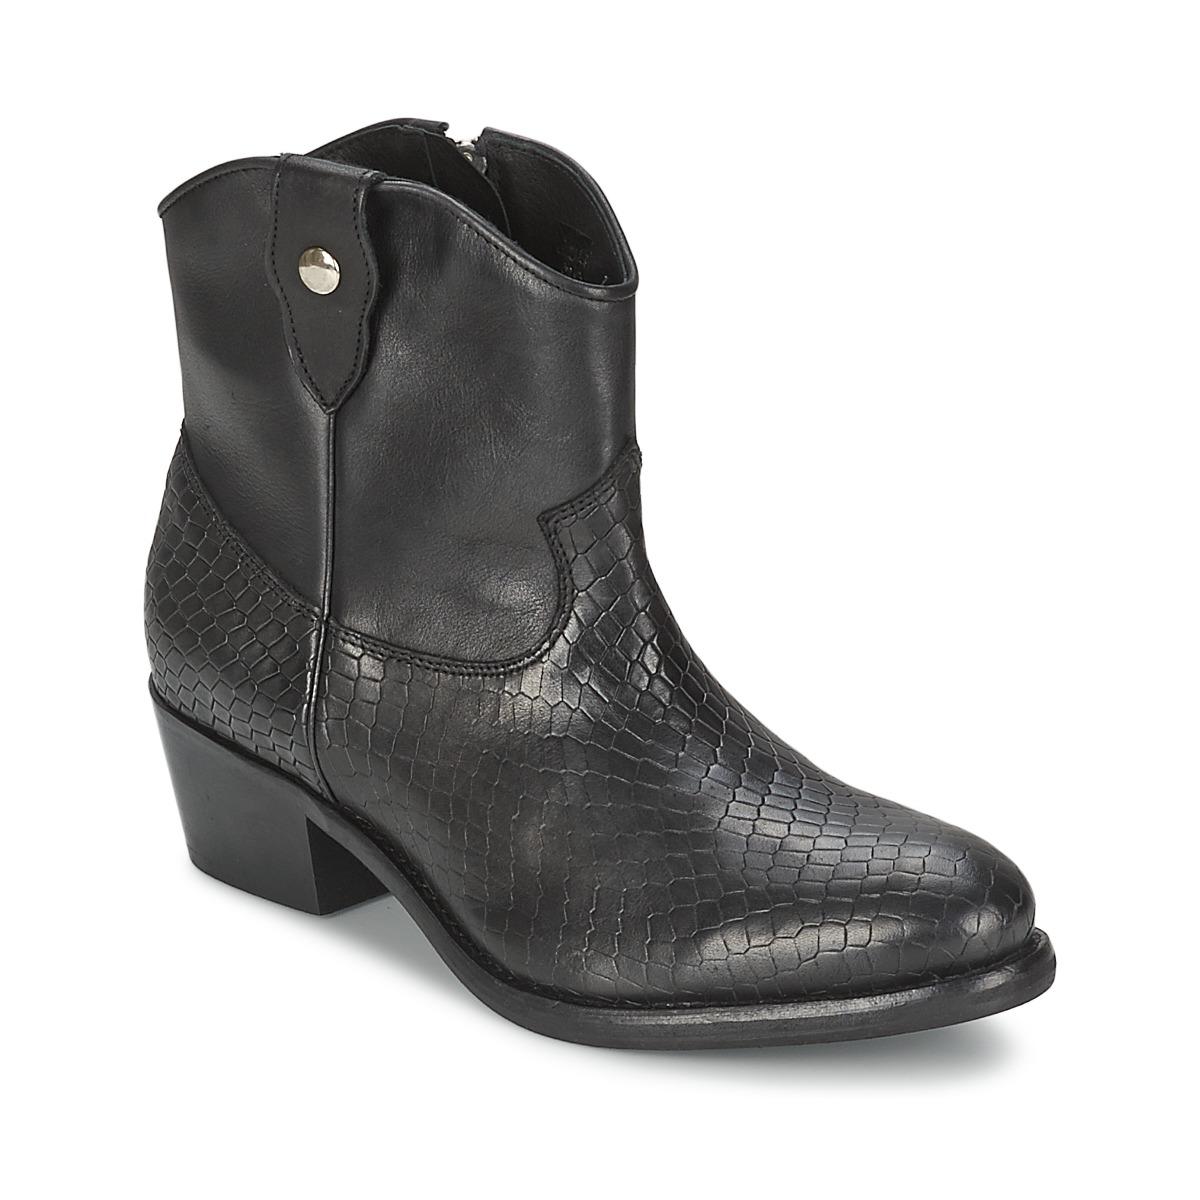 Koah ESTELLE BIS Schwarz - Kostenloser Versand bei Spartoode ! - Schuhe Boots Damen 99,50 €